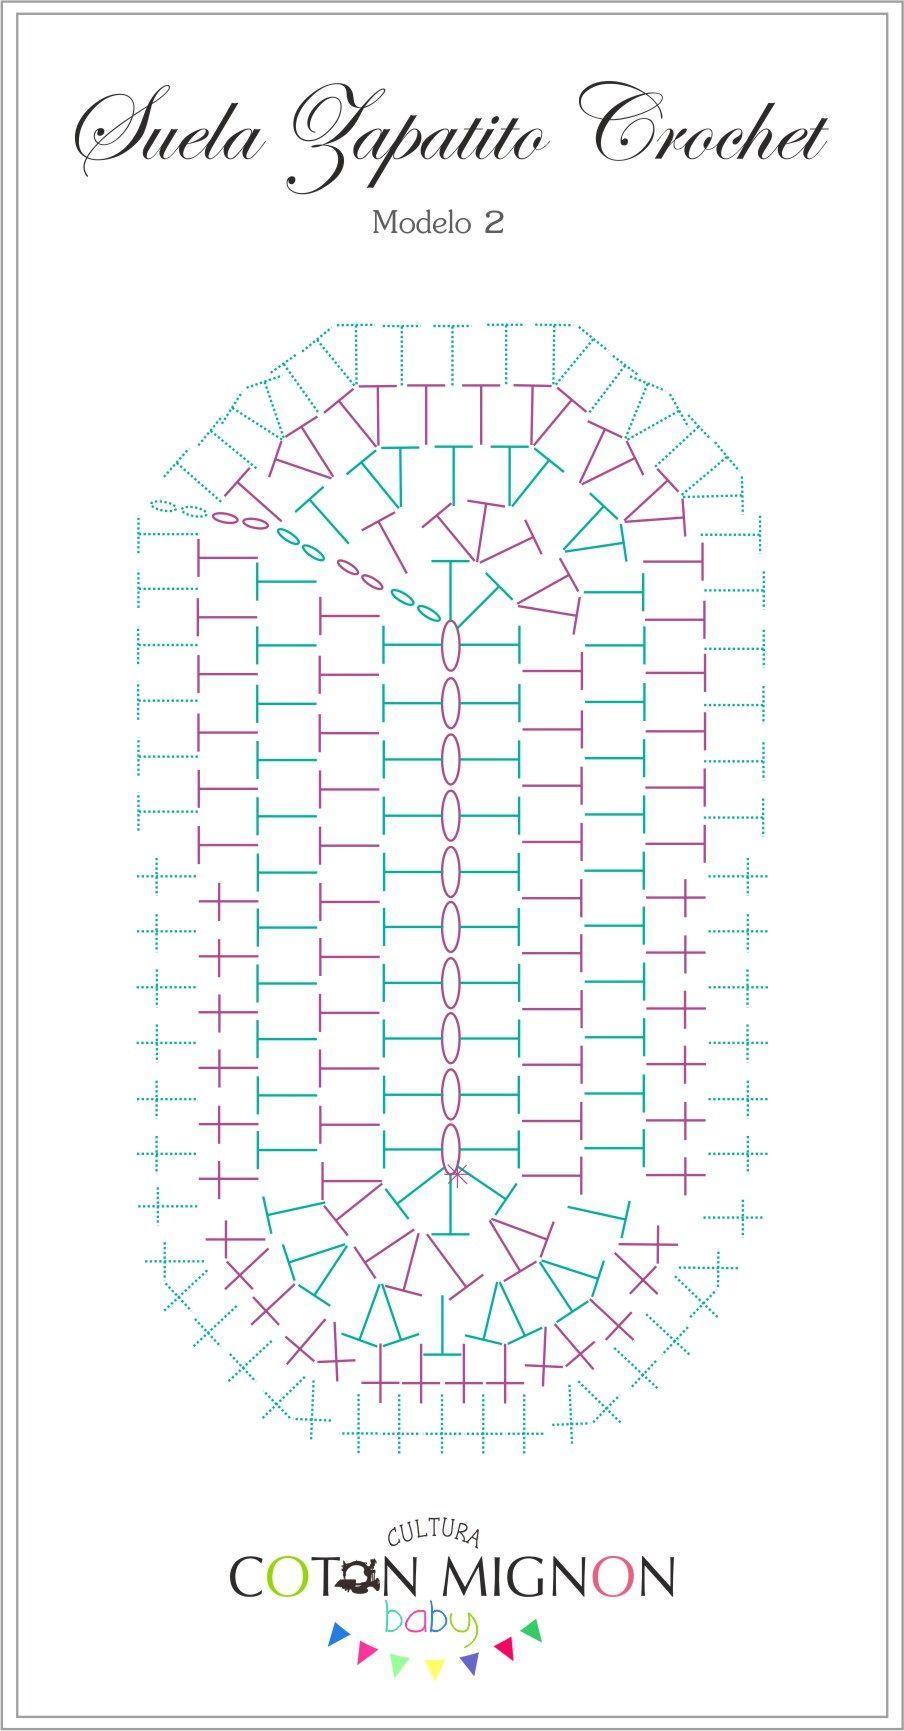 Suela de zapatito de crochet modelo 2 | siena | Pinterest | Patrones ...